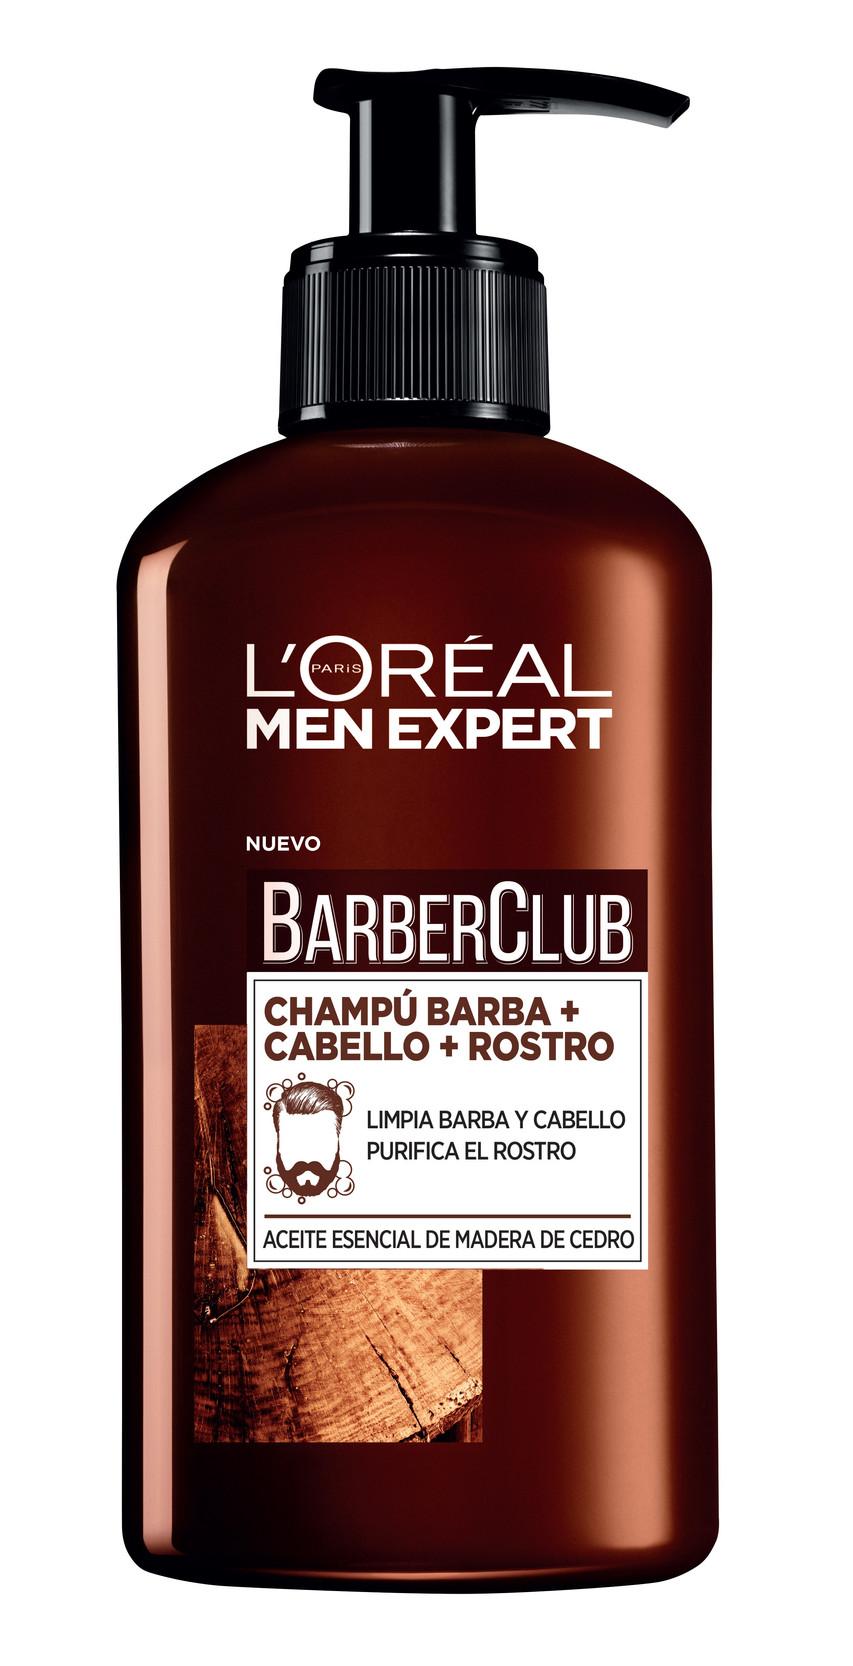 Elimina restos de descamación, residuos y  olores de la barba. Limpia y suaviza el cabello. Refresca y purifica el rostro. (7€)